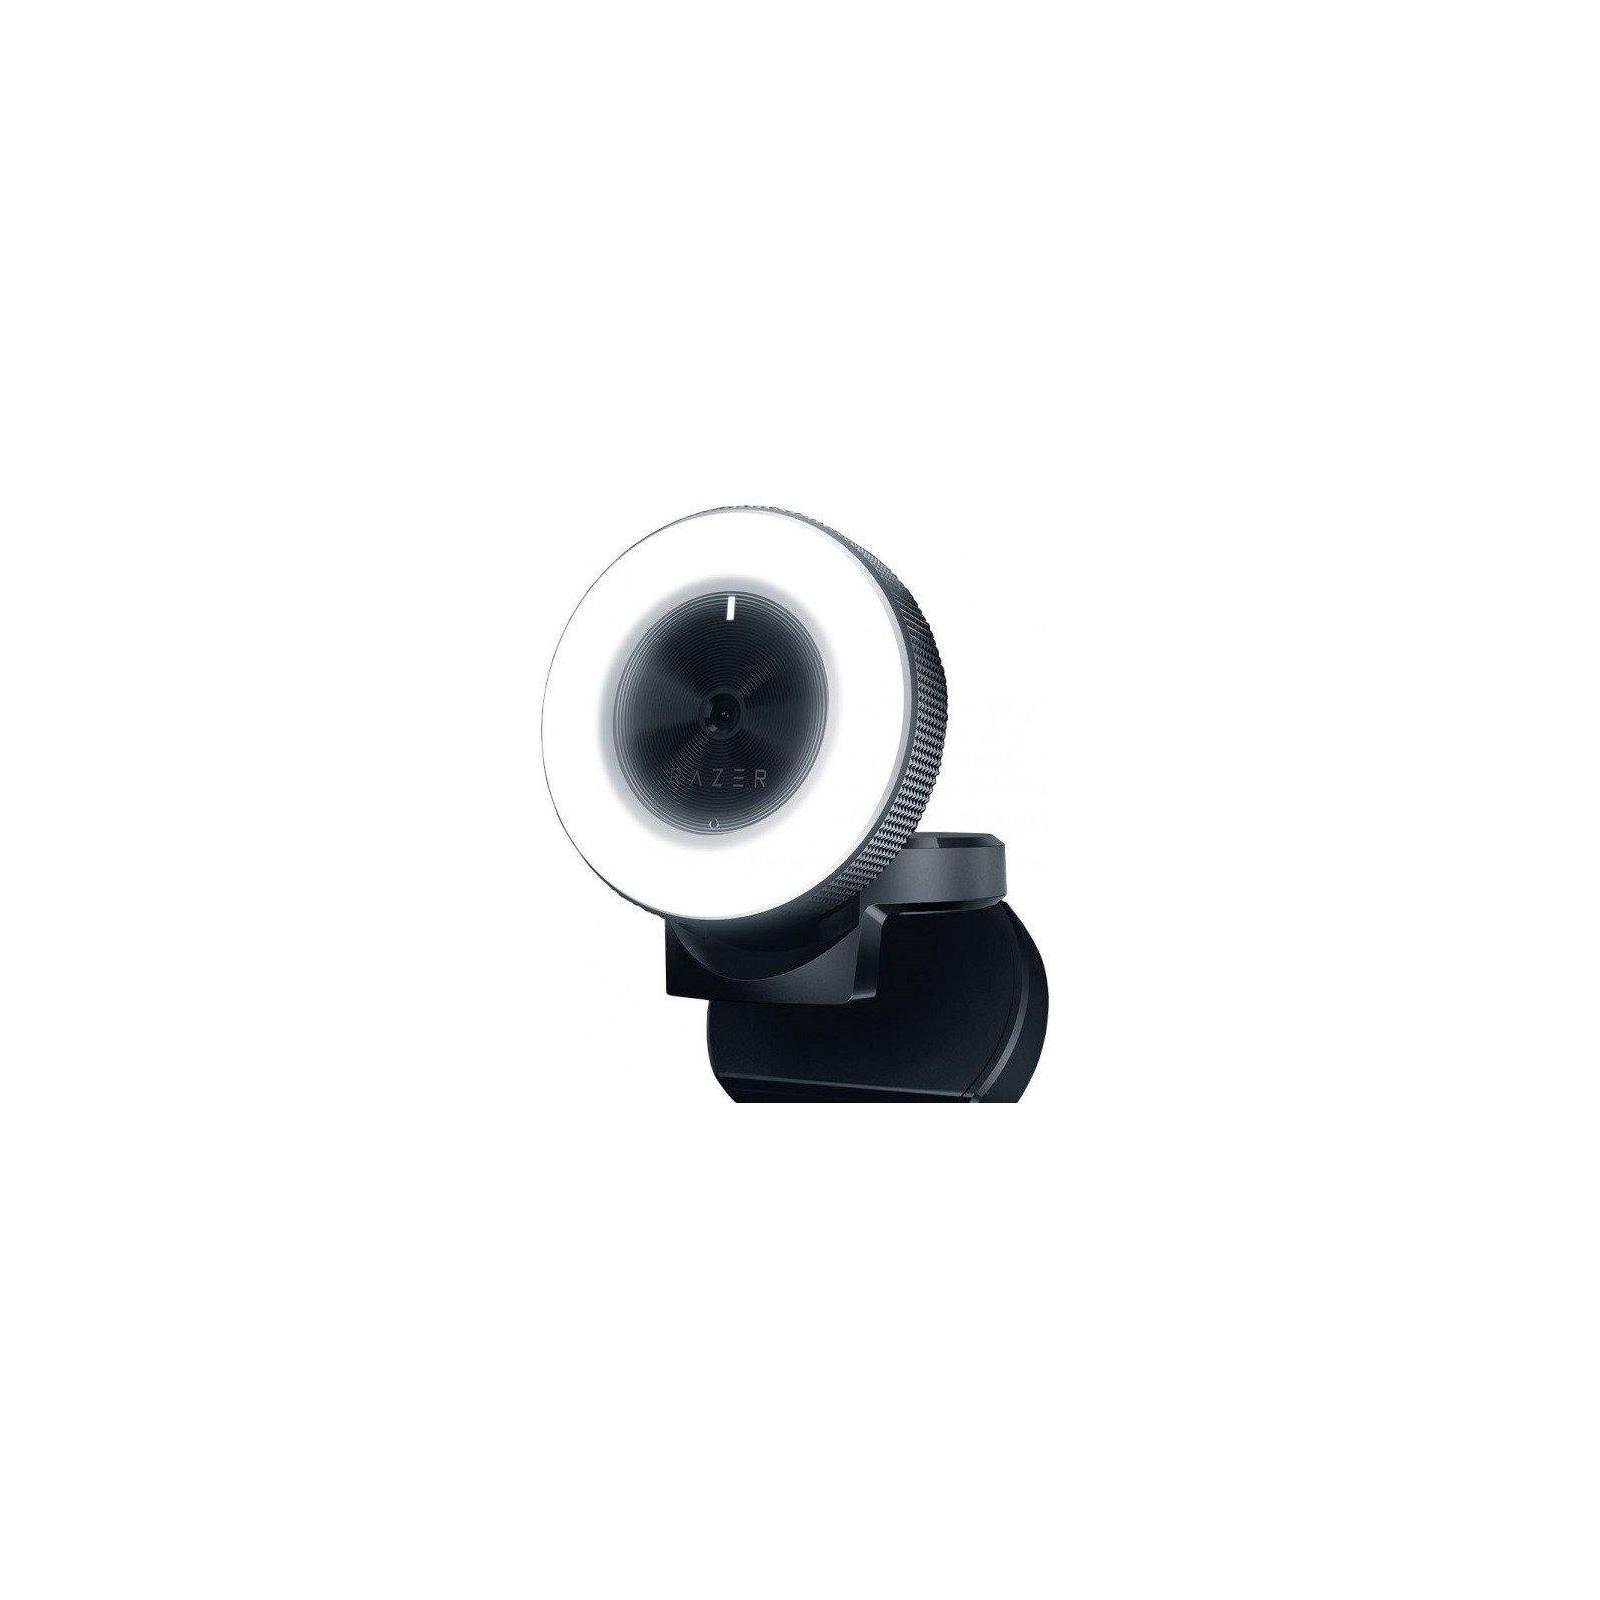 Веб-камера Razer Kiyo Black (RZ19-02320100-R3M1) изображение 3